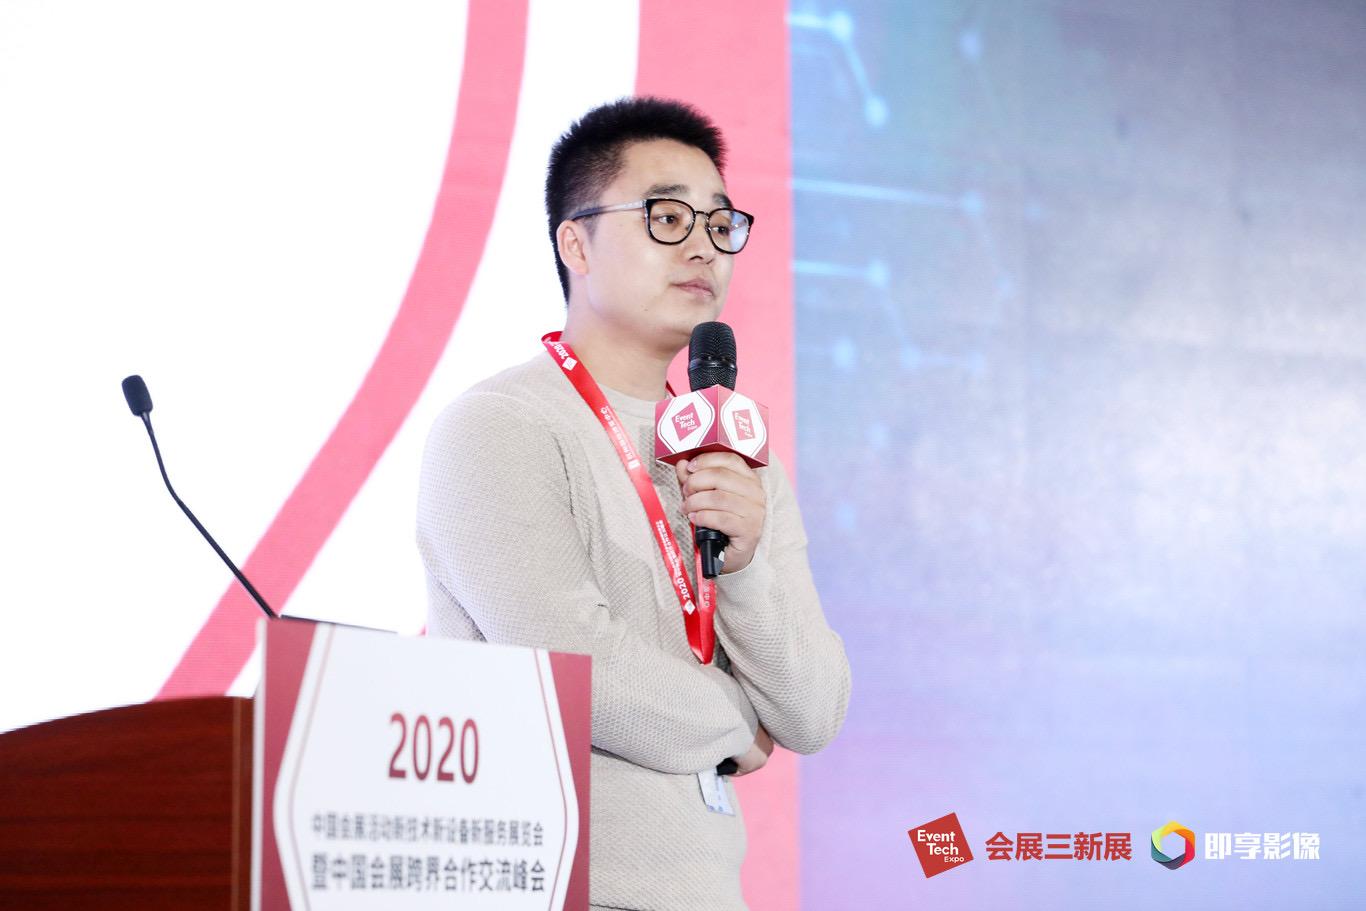 """百度VR助力会展业开启智能化""""重启键"""",受邀2020会展三新展分享创新案例"""